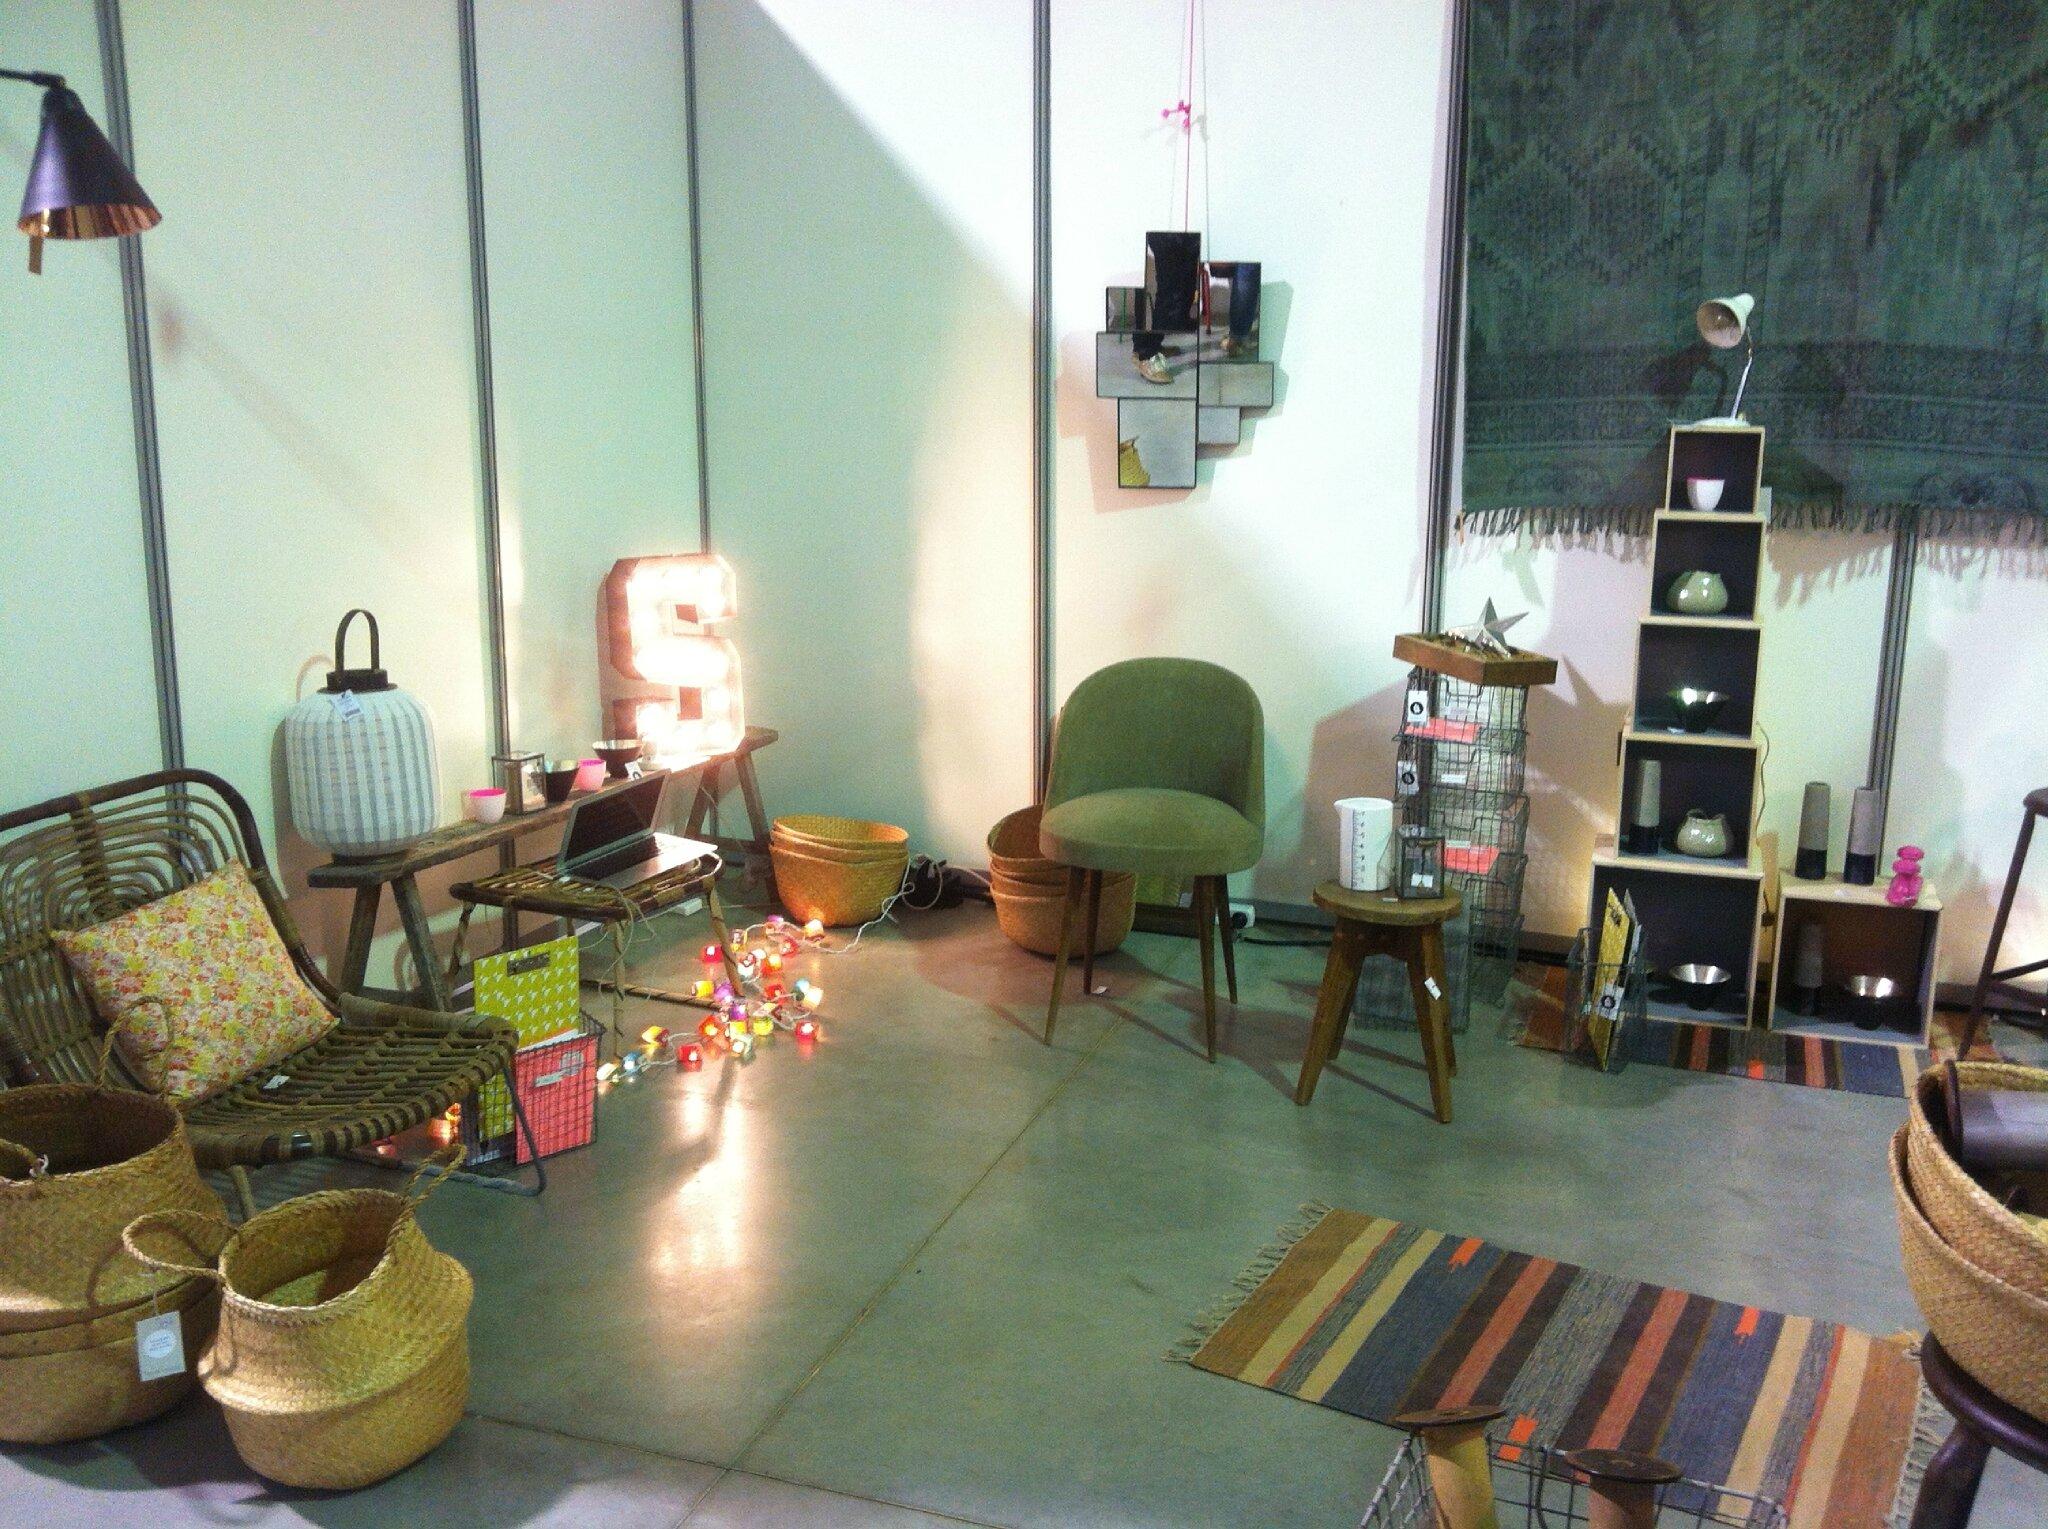 salon d co art de vivre lyon parenth se vintage. Black Bedroom Furniture Sets. Home Design Ideas